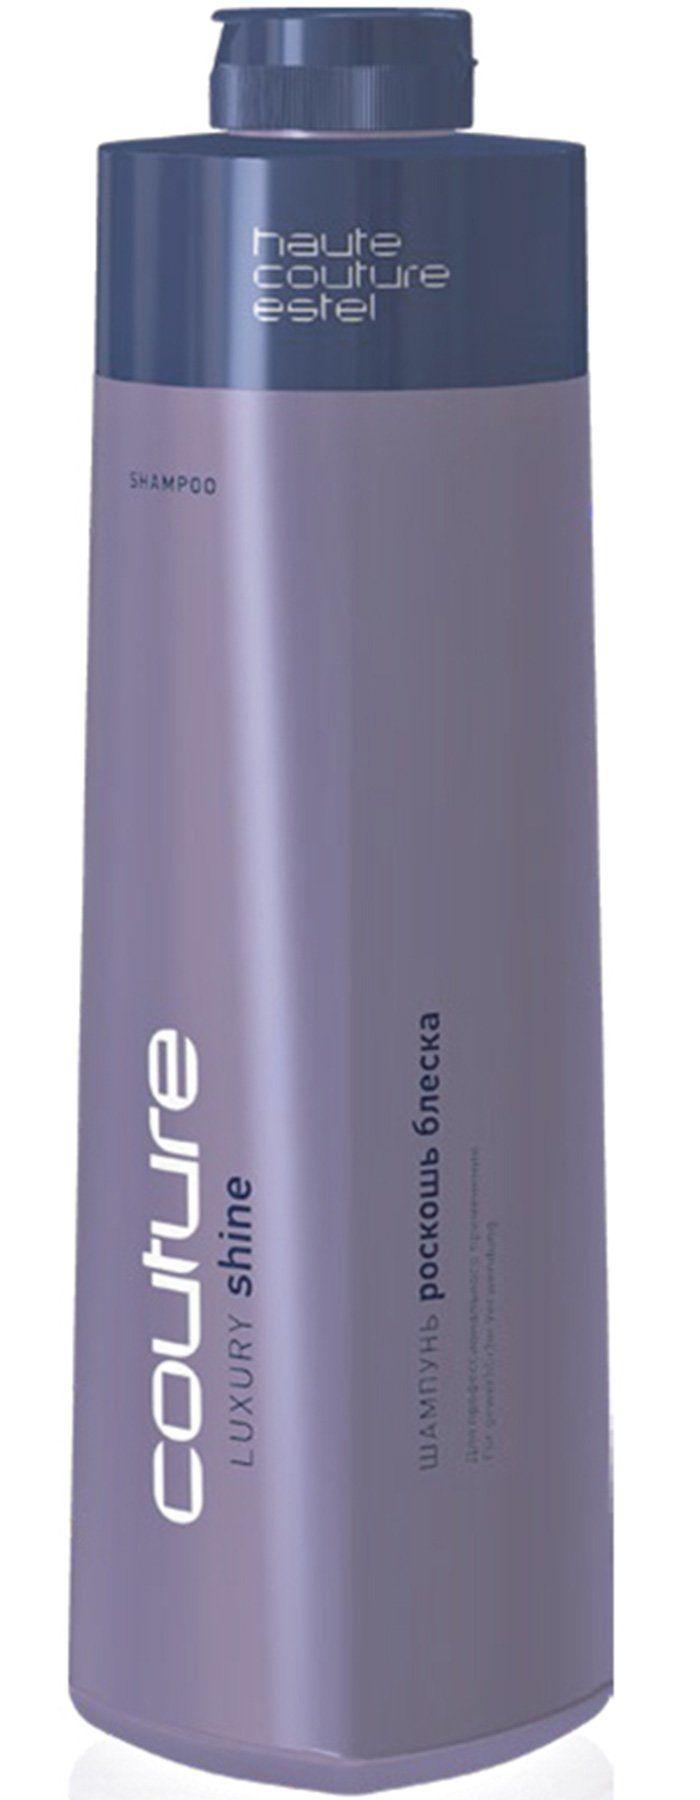 Купить ESTEL HAUTE COUTURE Шампунь для волос / LUXURY SHINE 1000 мл